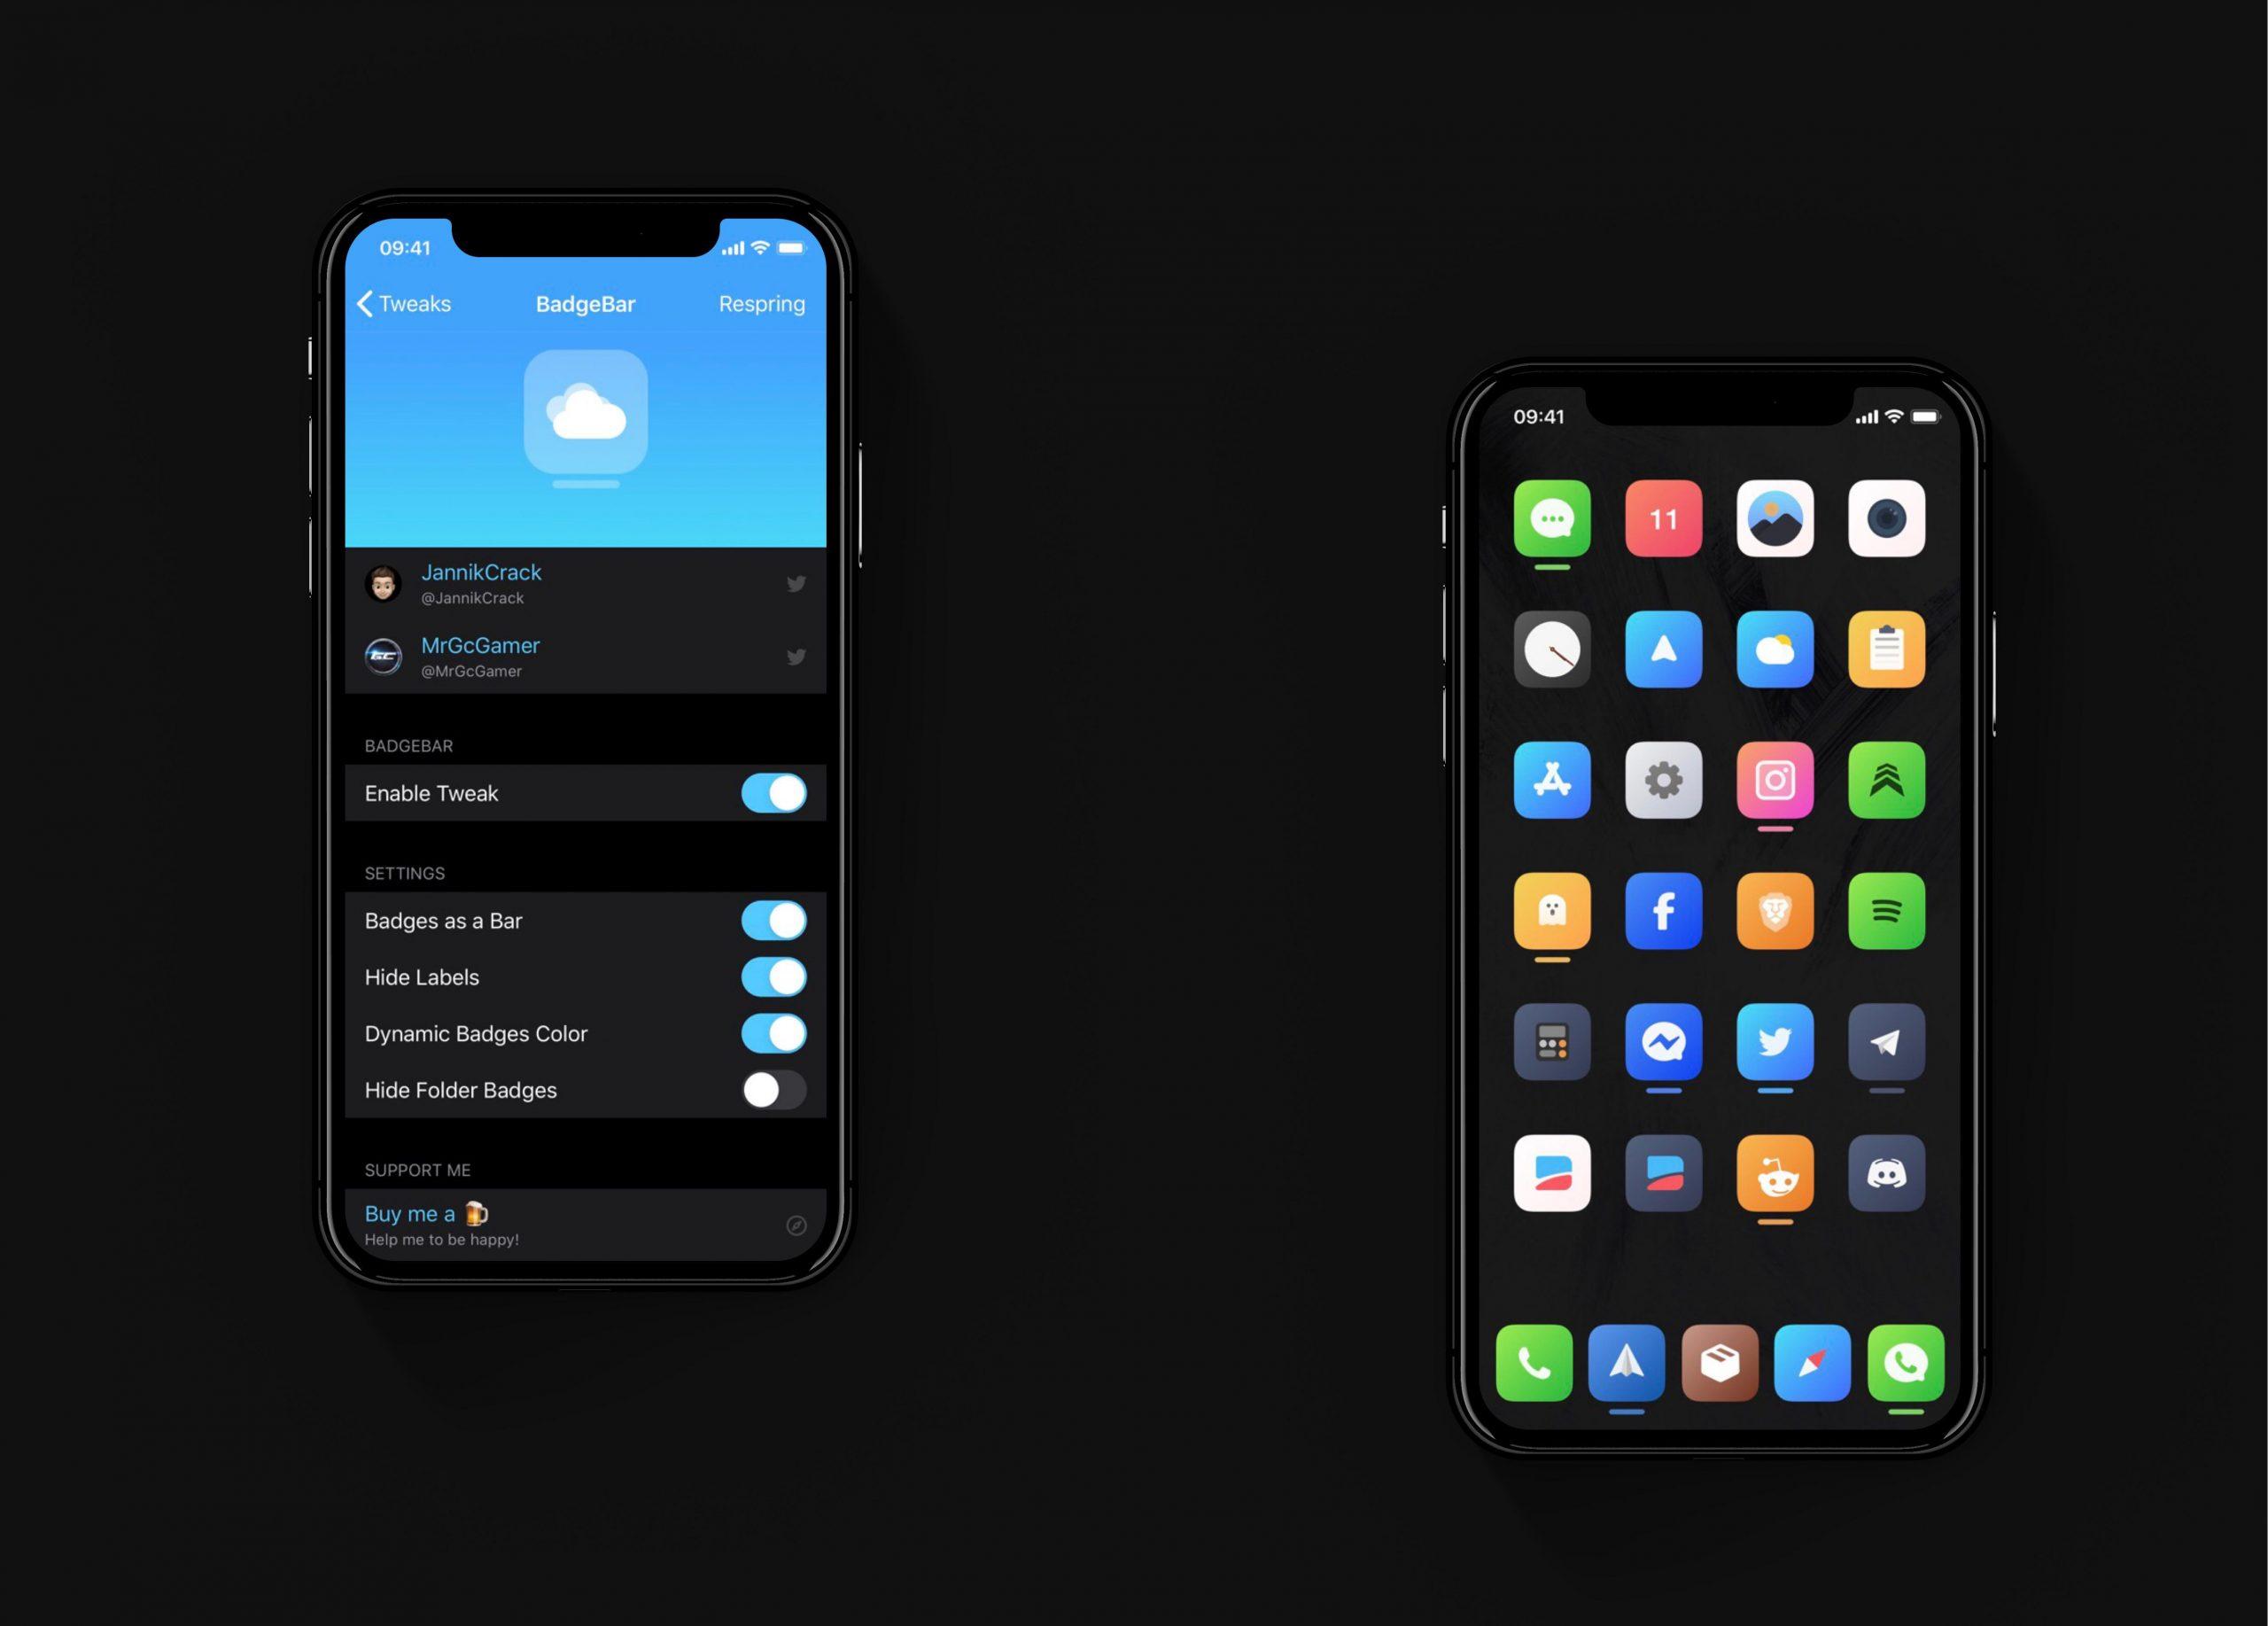 O BadgeBar substitui os feios crachás de notificação do iOS por barras coloridas 1